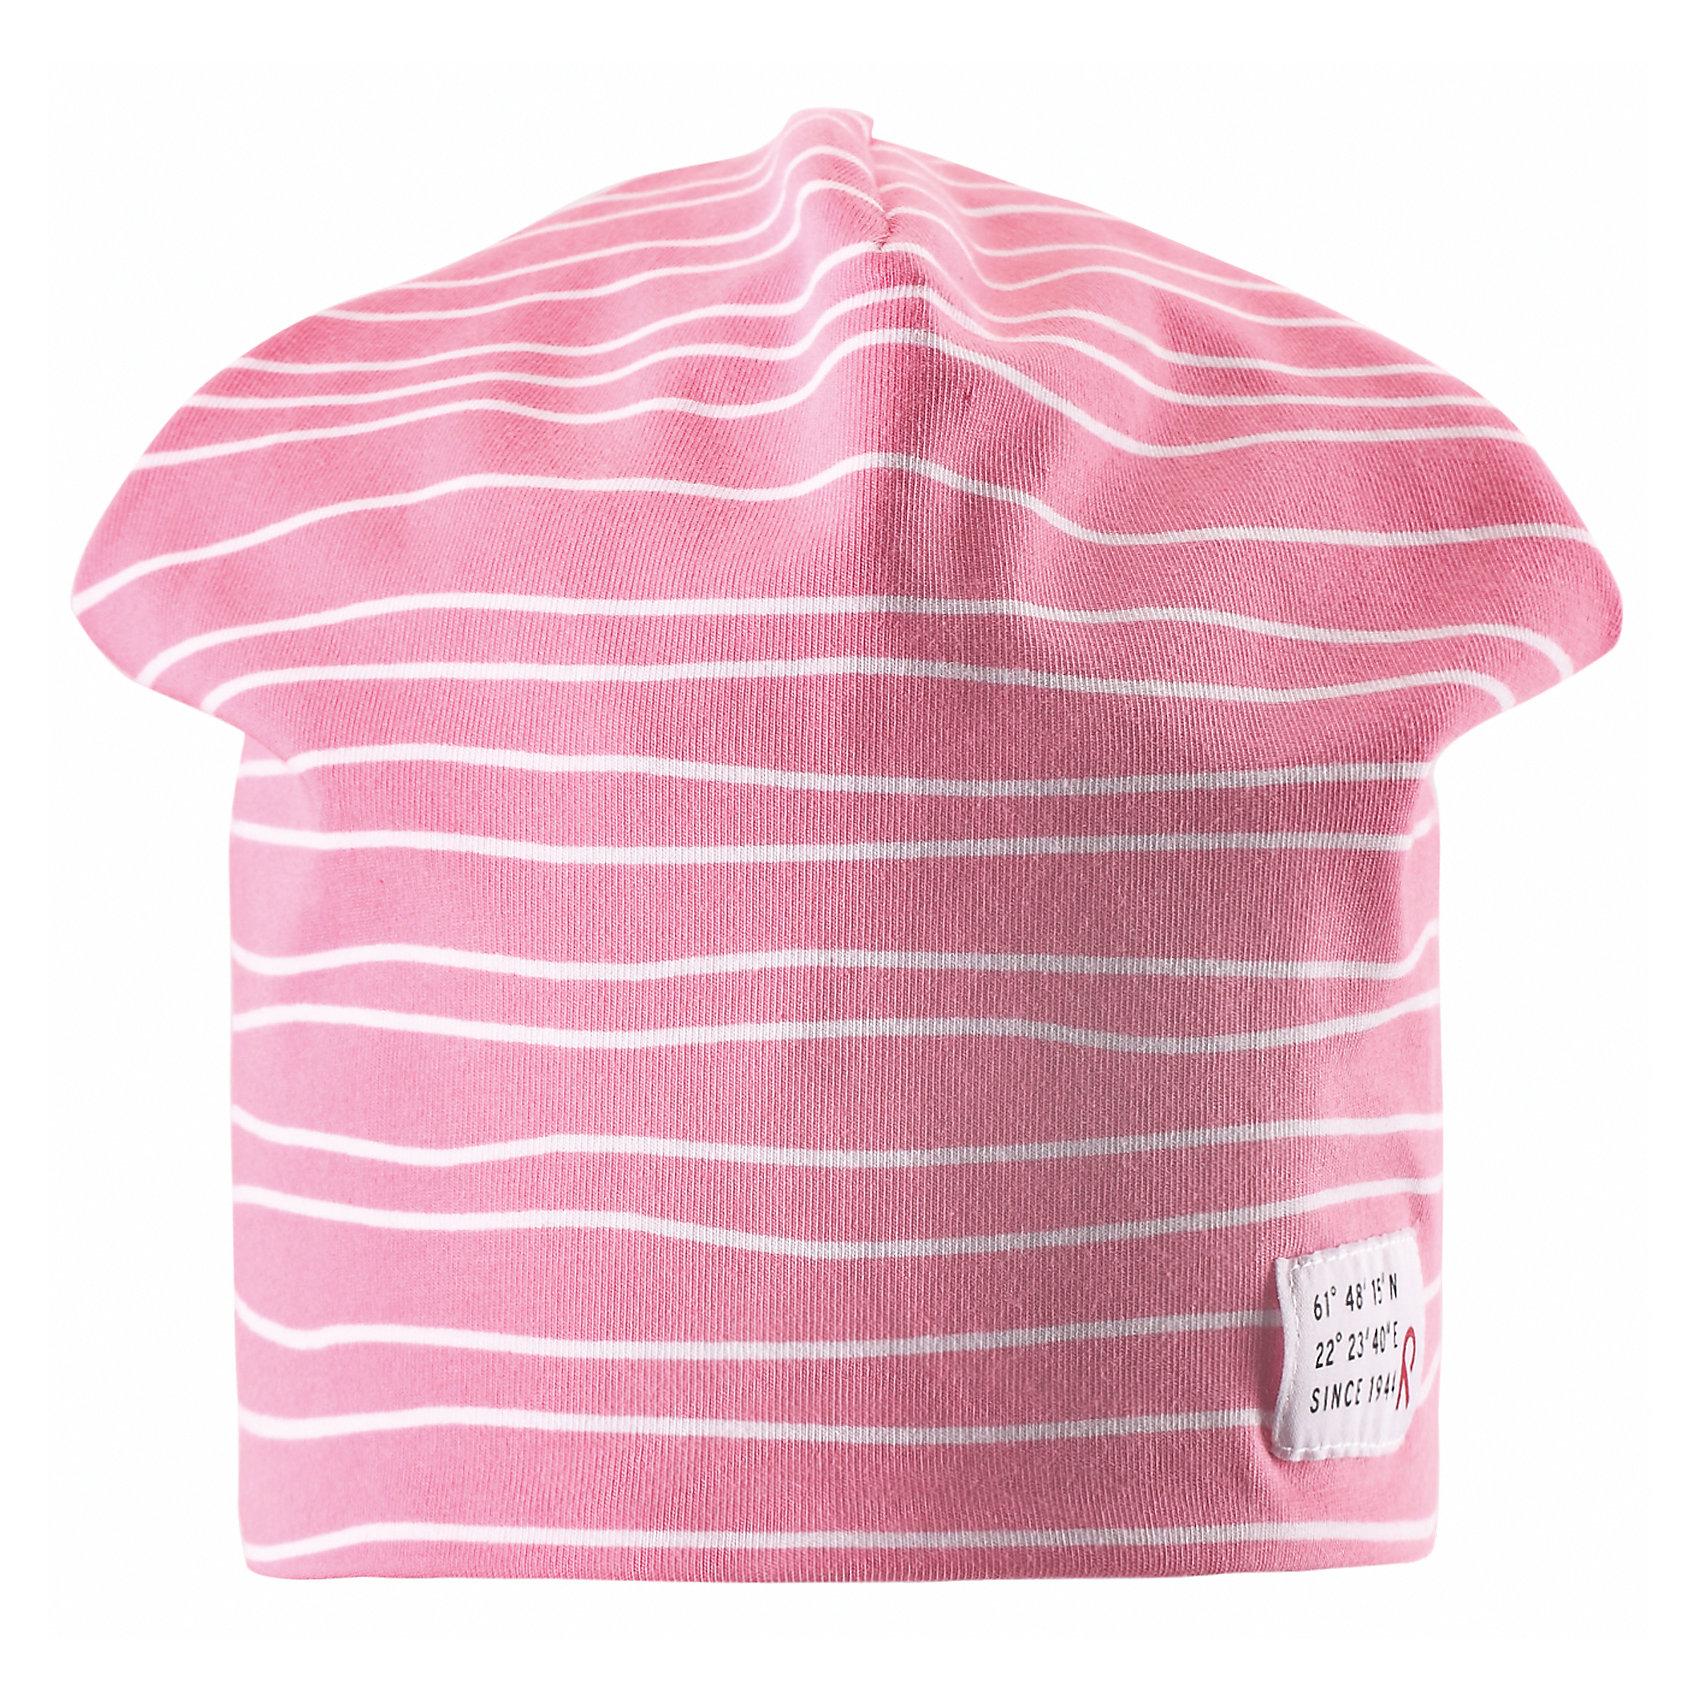 Шапка для девочки ReimaЭта эффектная шапочка свежей расцветки для малышей и детей постарше — великолепный выбор для всех маленьких покорителей природы! Шапочка изготовлена из простого в уходе и быстросохнущего материла Play Jersey®, эффективно выводящего влагу с кожи во время подвижных игр на свежем воздухе. Обратите внимание, что она имеет УФ-защиту 40+. Стиля много не бывает! Озорная двухсторонняя шапочка в одно мгновение превращается из полосатой в однотонную! <br><br>Дополнительная информация:<br><br>Двухсторонняя шапка «Бини» для детей и малышей<br>Быстросохнущий материал Play Jersey, приятный на ощупь<br>Фактор защиты от ультрафиолета 40+<br>Двухсторонняя модель<br>Сплошная подкладка: отводящий влагу материал Play Jersey<br>Логотип Reima® спереди<br>Веселые цветовые сочетания<br>Состав:<br>65% ХЛ 30% ПЭ 5% ЭЛ<br>Уход:<br>Стирать с бельем одинакового цвета, вывернув наизнанку. Полоскать без специального средства. Придать первоначальную форму вo влажном виде.<br><br>Ширина мм: 89<br>Глубина мм: 117<br>Высота мм: 44<br>Вес г: 155<br>Цвет: розовый<br>Возраст от месяцев: 84<br>Возраст до месяцев: 144<br>Пол: Женский<br>Возраст: Детский<br>Размер: 50,52,54,56<br>SKU: 4498123